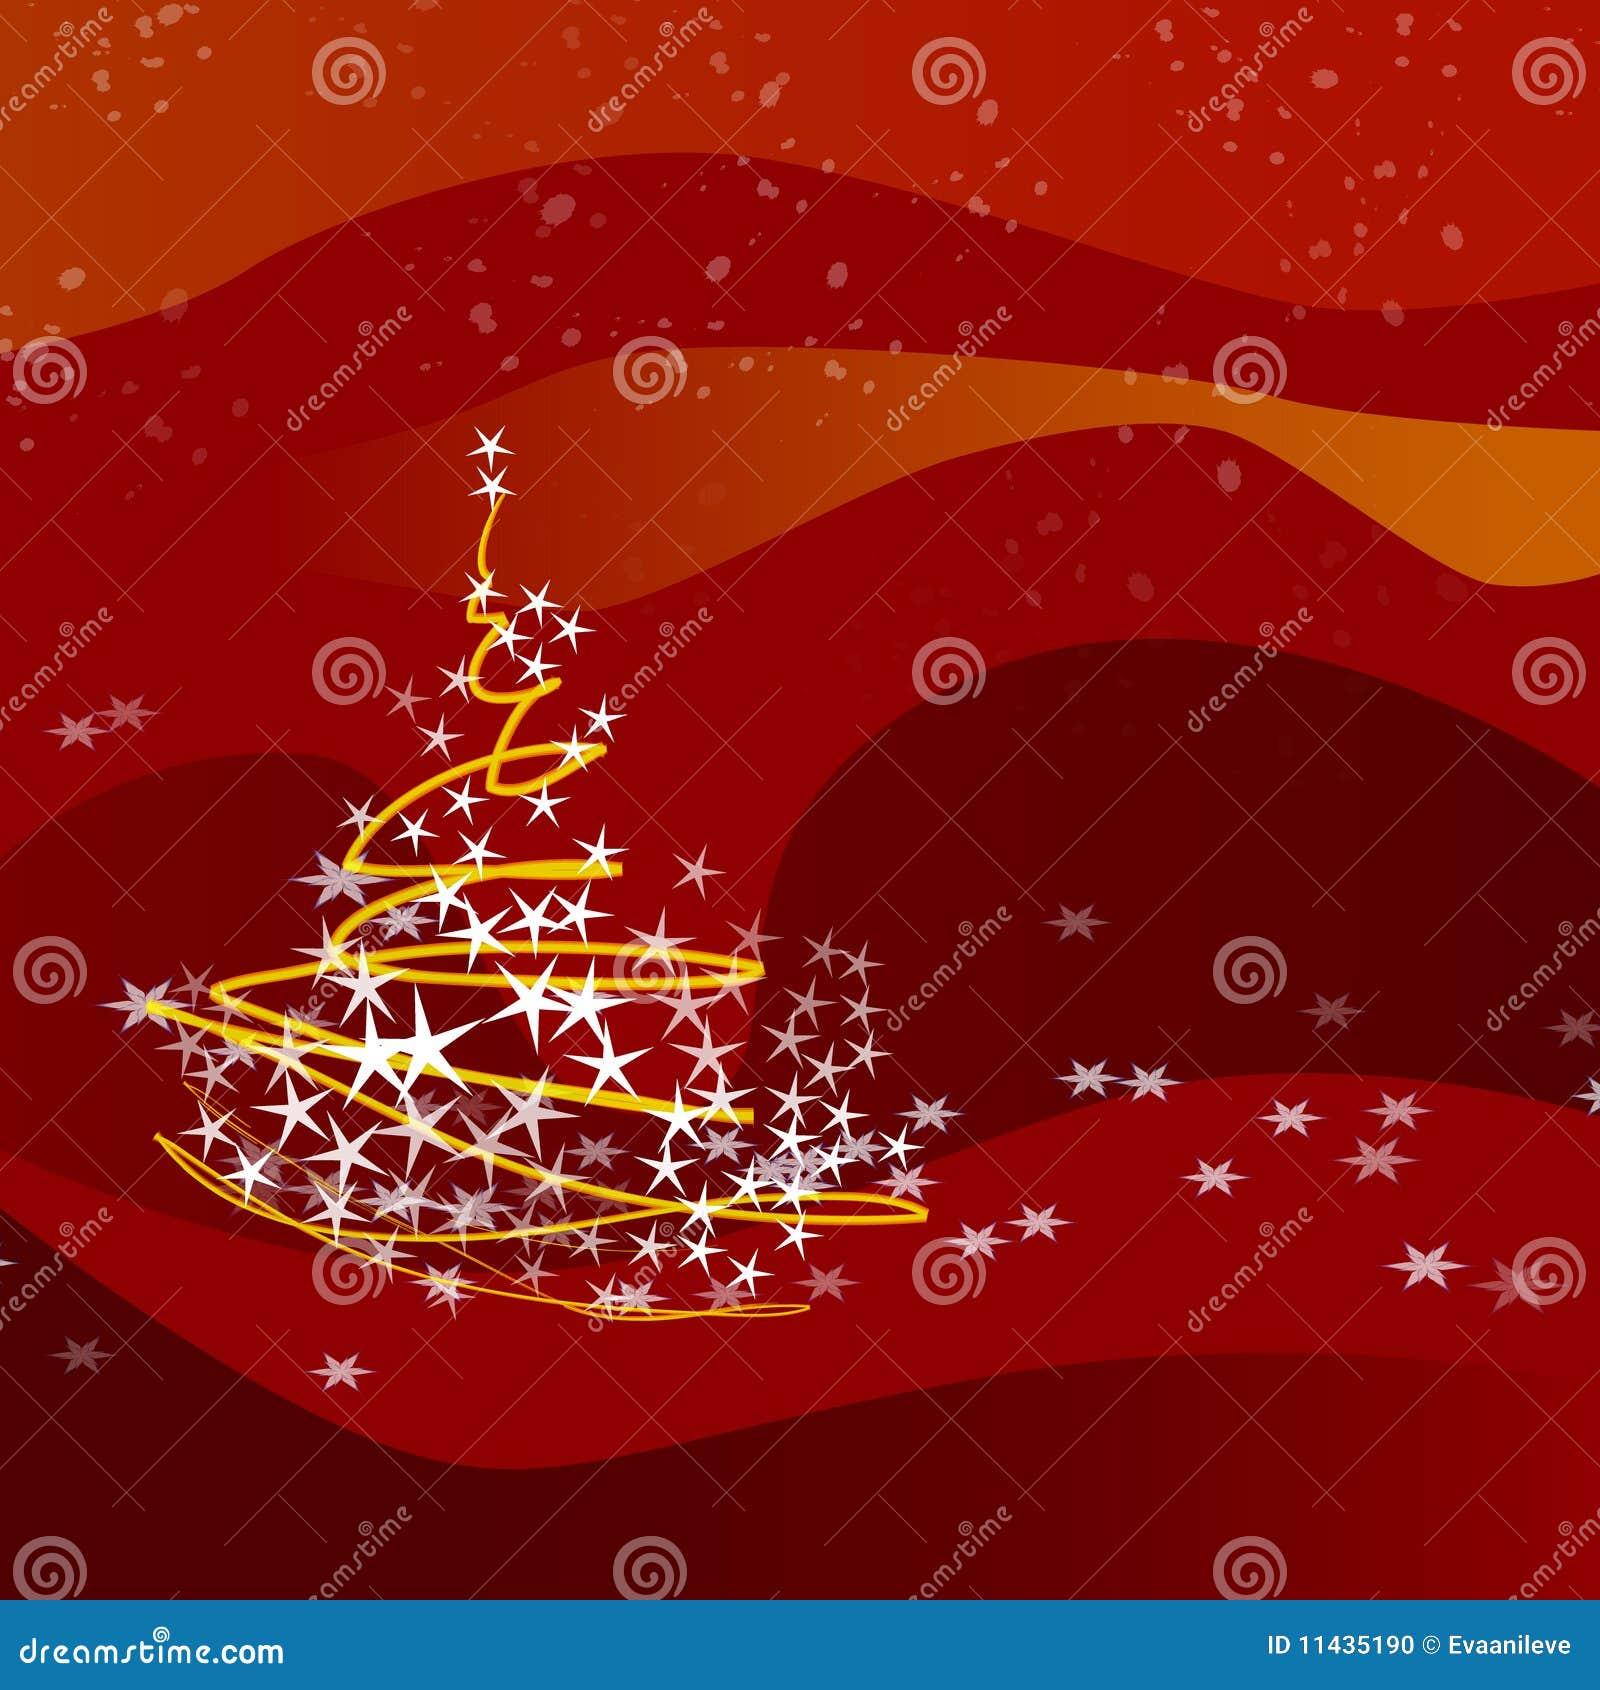 weihnachten baum rot stock abbildung bild von jahreszeit. Black Bedroom Furniture Sets. Home Design Ideas